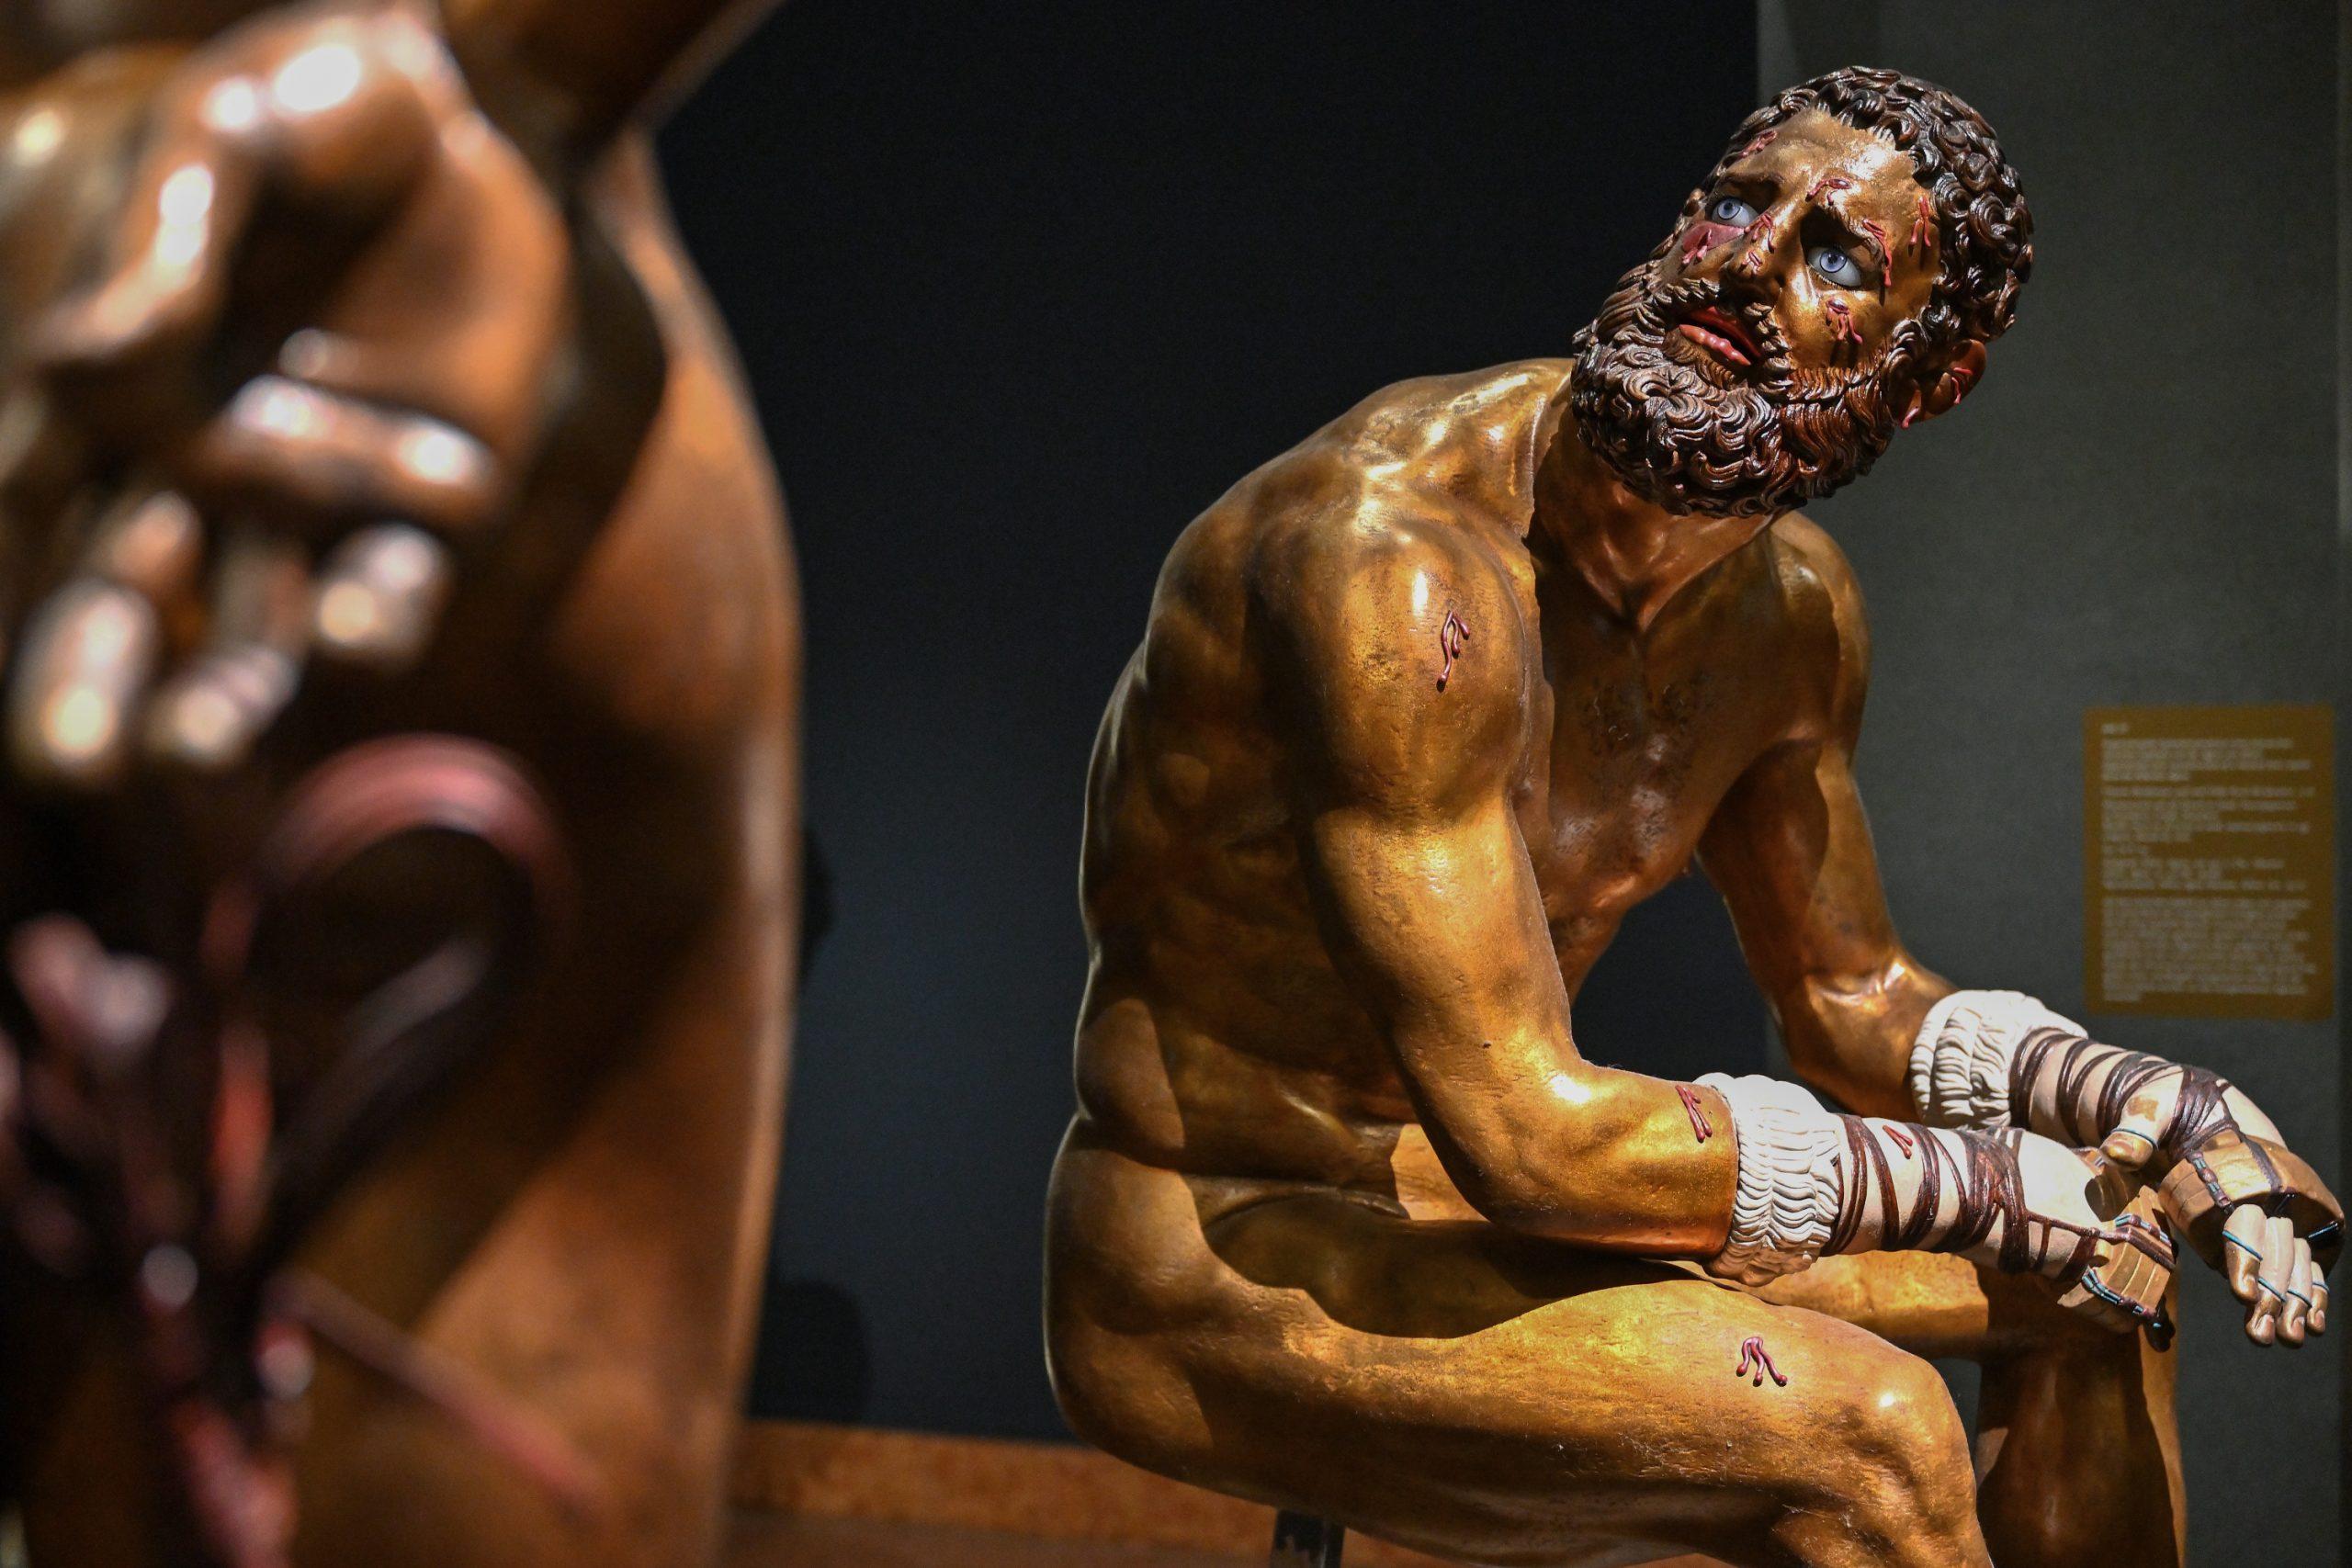 Ausstellung: Bunte Götter in Frankfurt 10